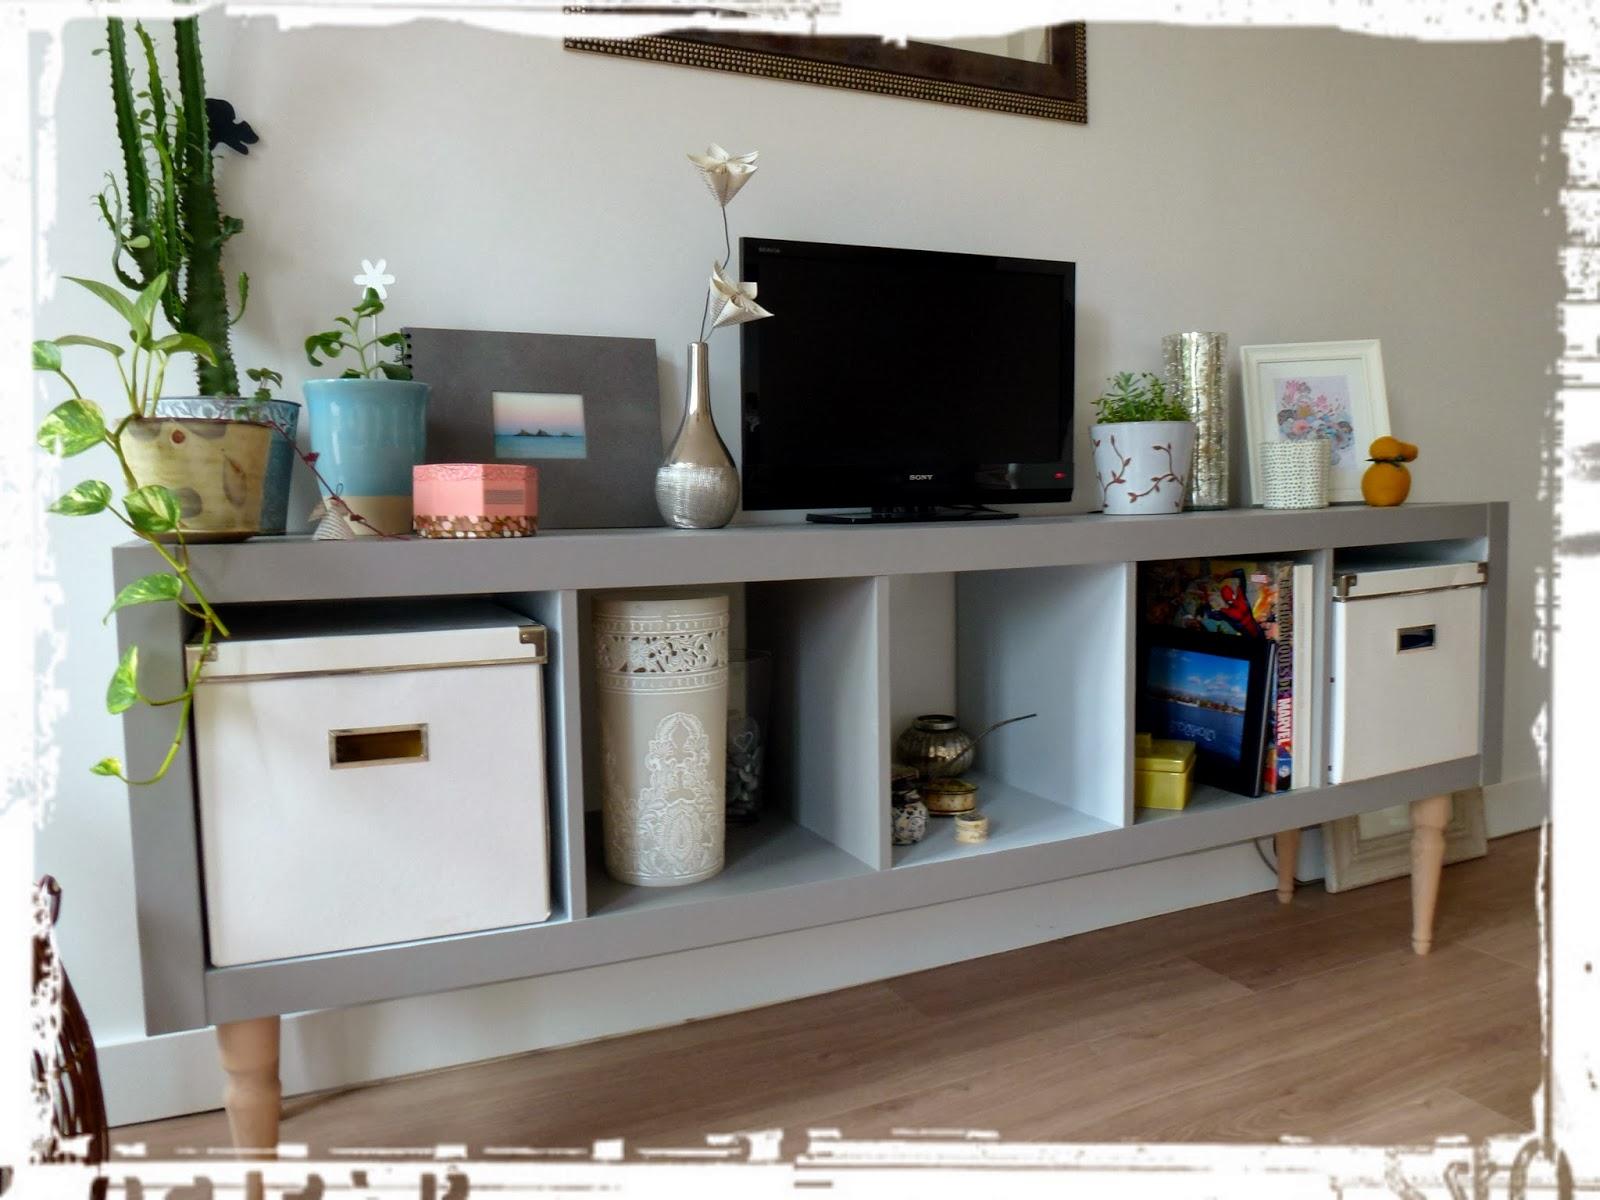 Une nouvelle vie pour un meuble ikea une fille du temps - Peinture pour meuble ikea ...